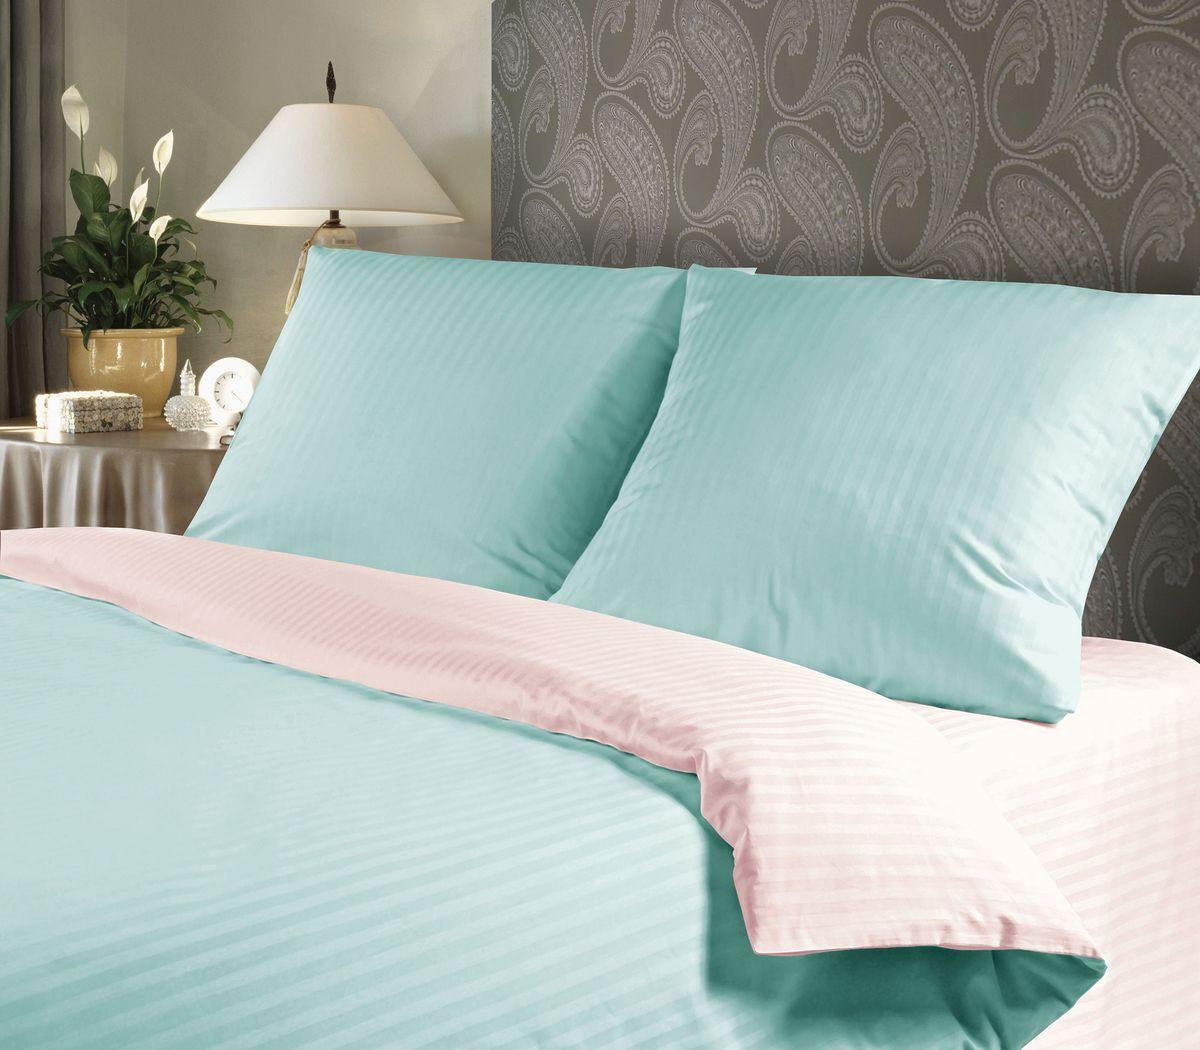 Комплект белья Verossa Sunset, 2-спальный, наволочки 50х70711217Комплект постельного белья включает в себя четыре предмета: простыню, пододеяльник и две наволочки, выполненные из страйп-сатина.Страйп-сатин - одна из разновидностей жаккардового сатина. Это ткань, плетение которой представляет собой чередующиеся полосы, отсюда и название материала: в переводе с английского stripe и есть полоска. Размер пододеяльника: 180 x 215 см.Размер простыни: 220 x 240 см.Размер наволочек: 50 x 70 см.